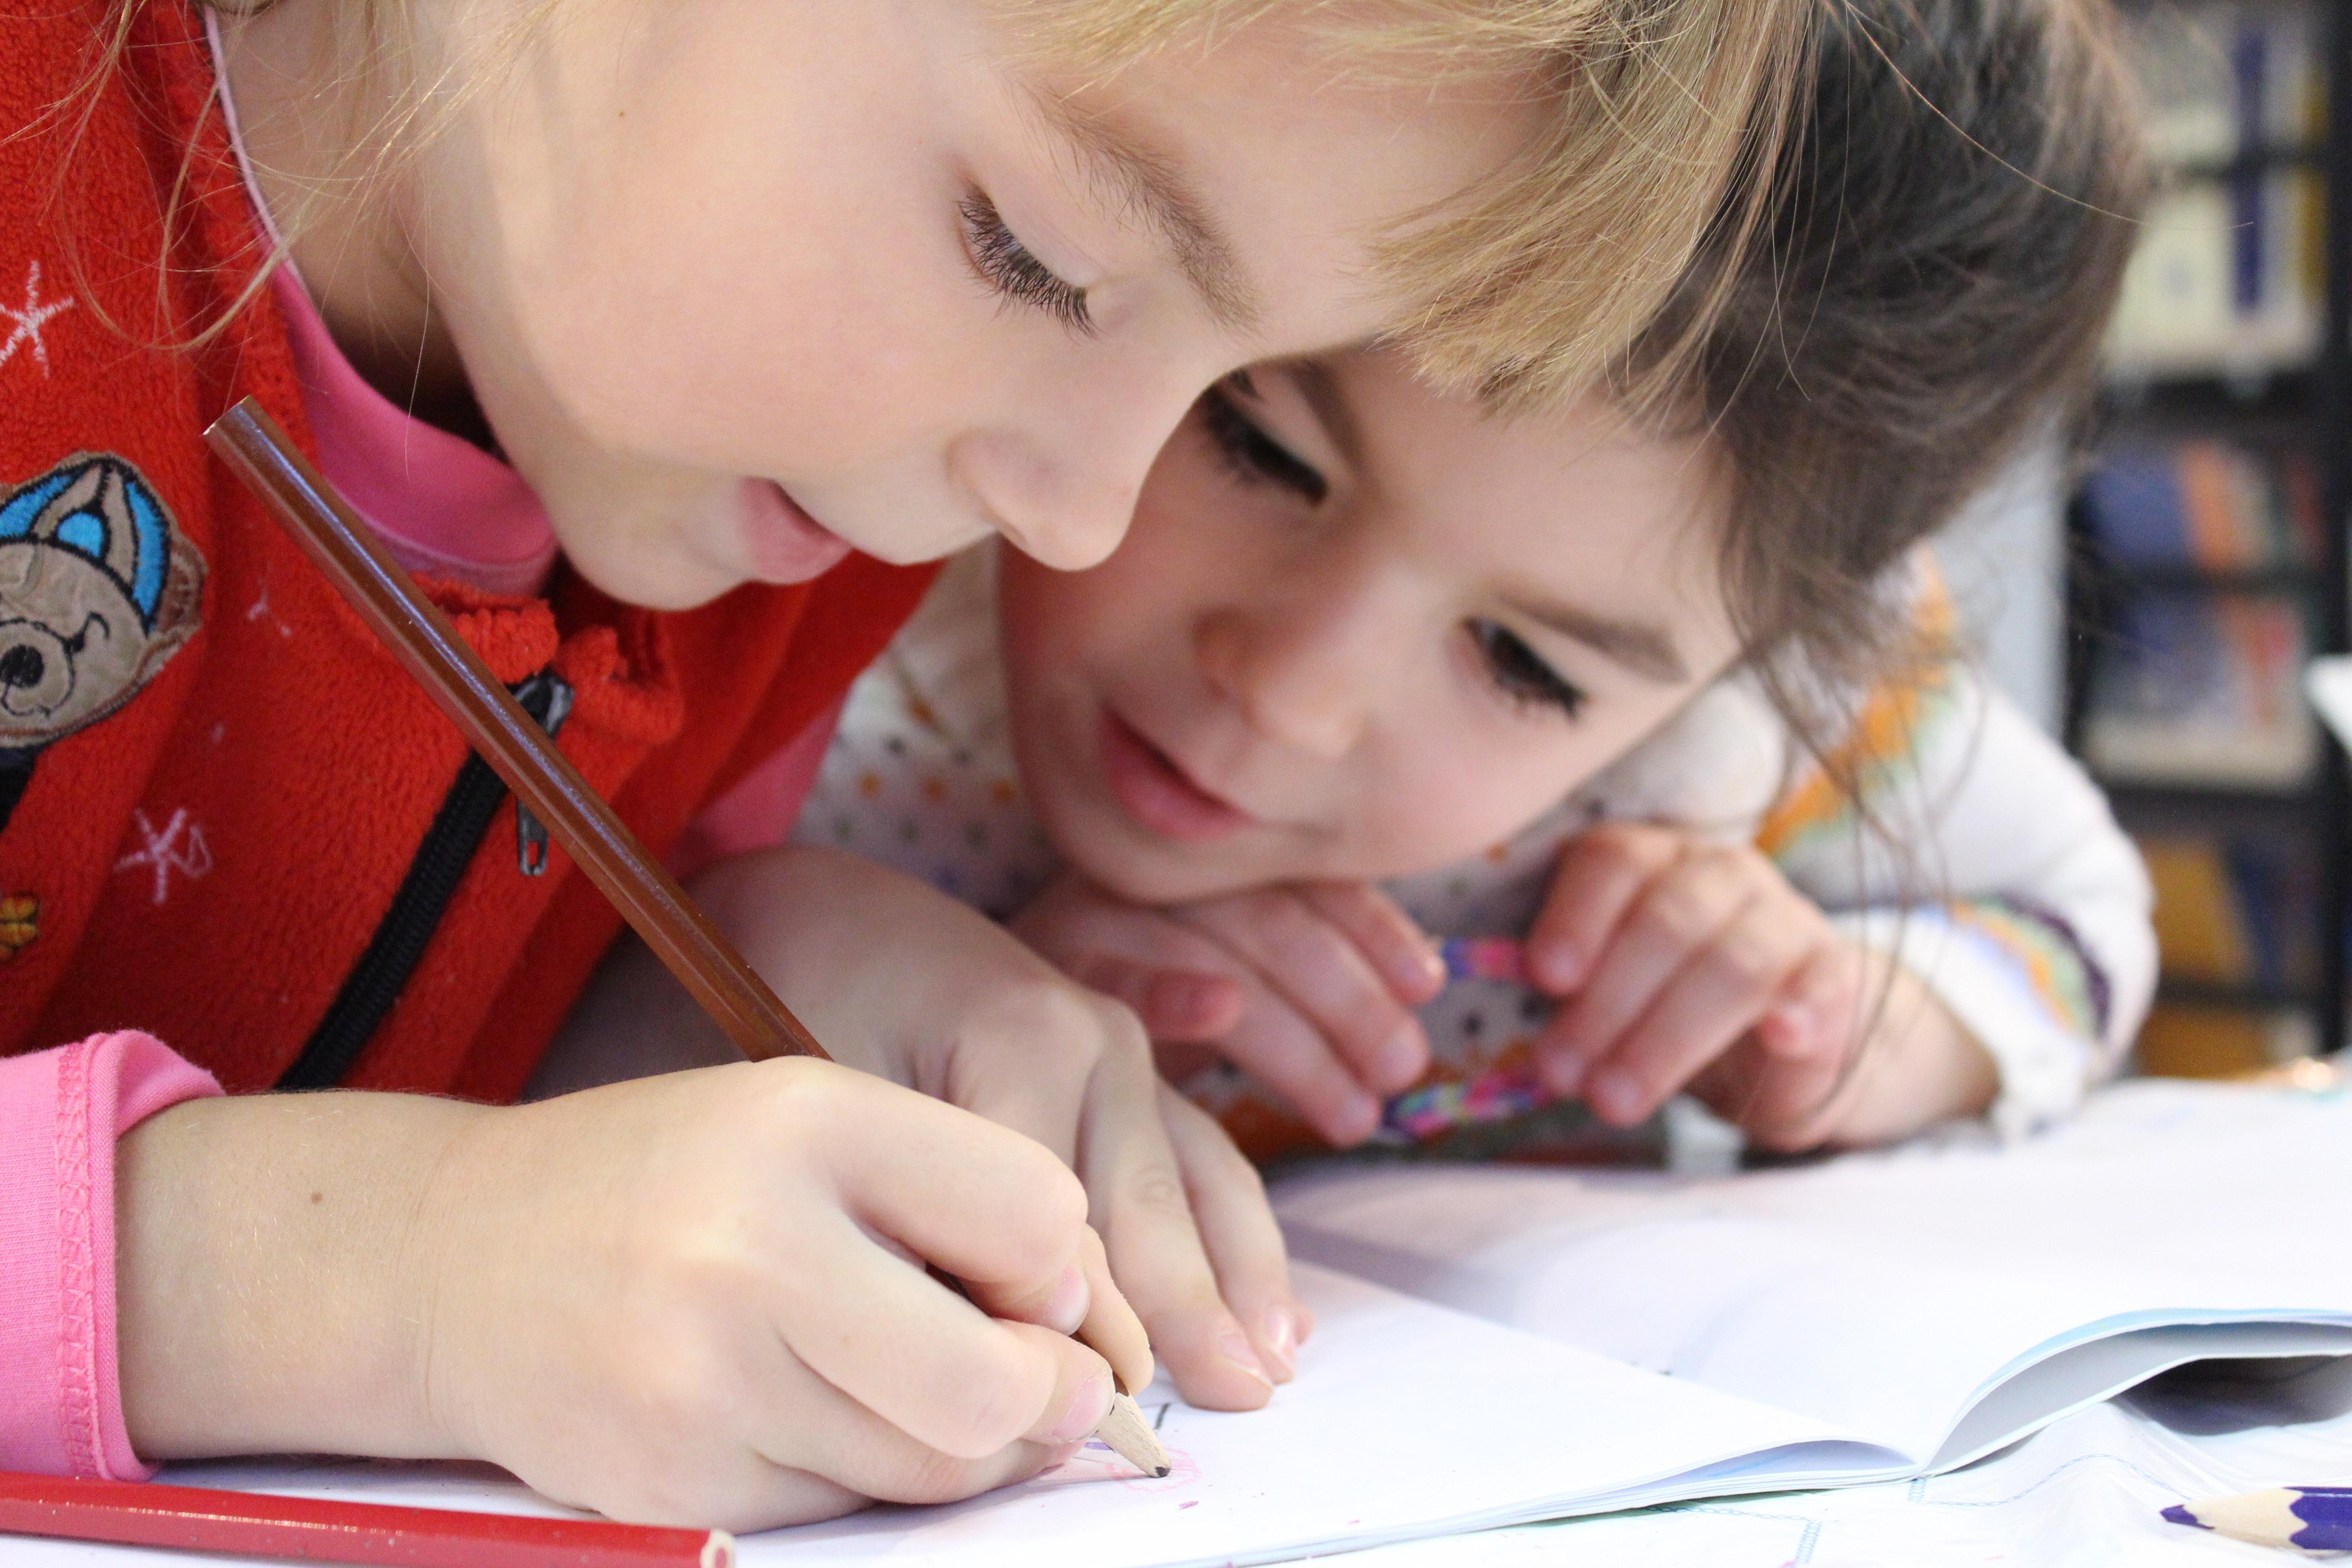 Skolbarn skriver